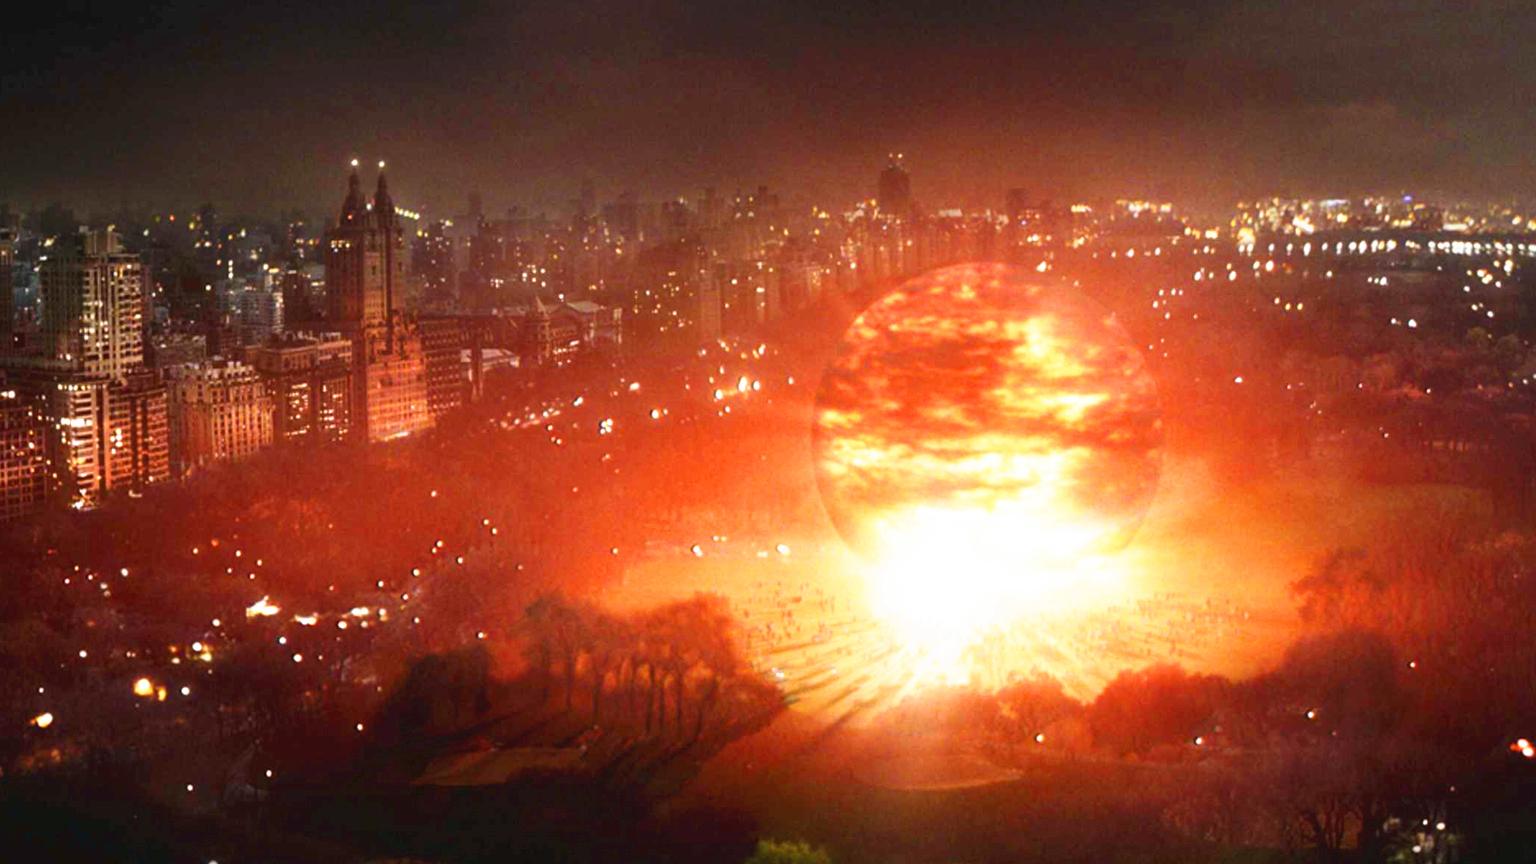 【出道616】外星人入侵地球,一个女人拯救全人类!电影《当地球停转之日》#出道616#